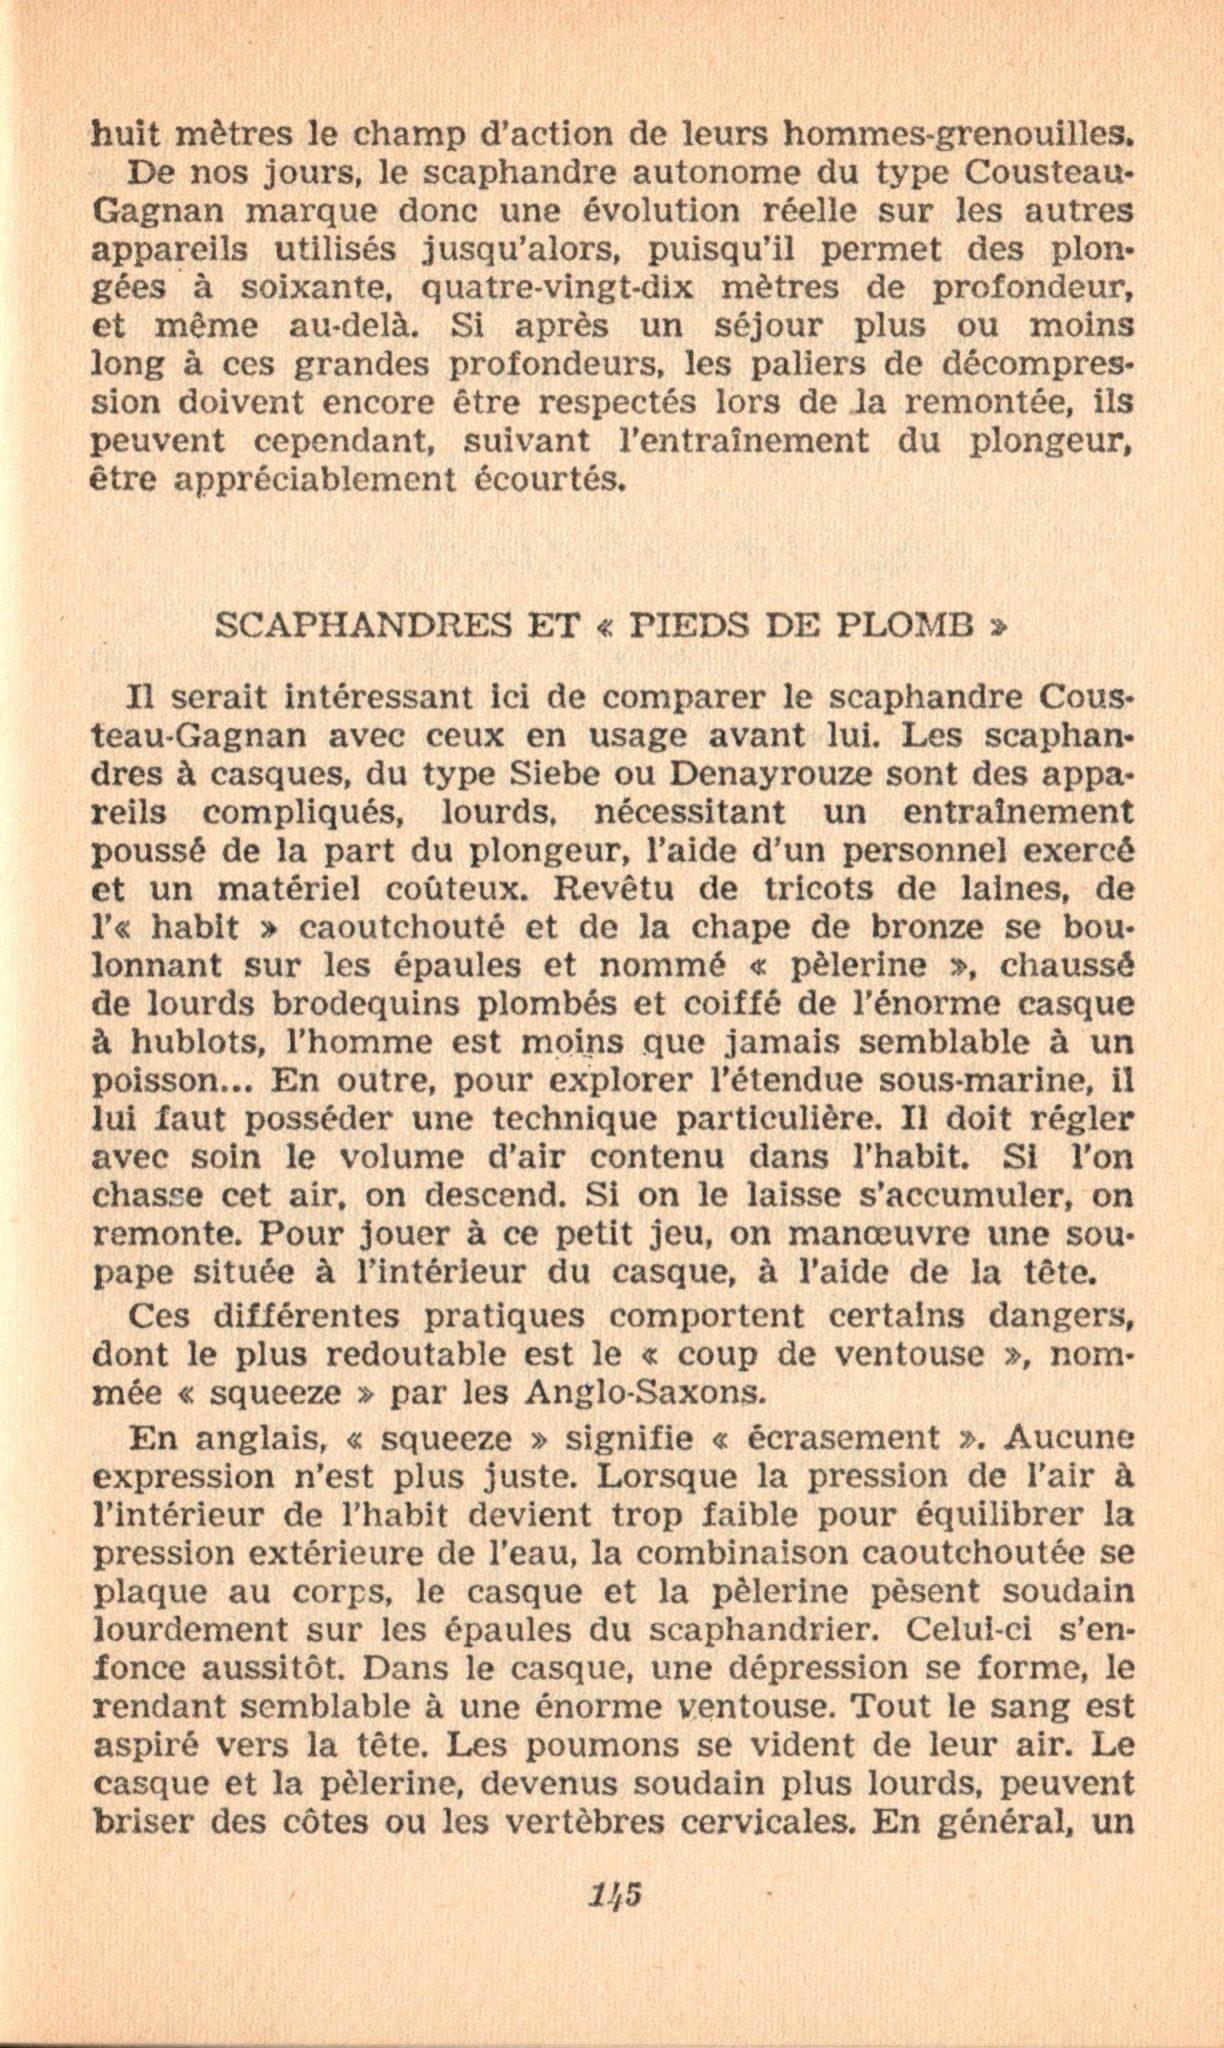 p145, La conquête des fonds sous-marins, marabout chercheur